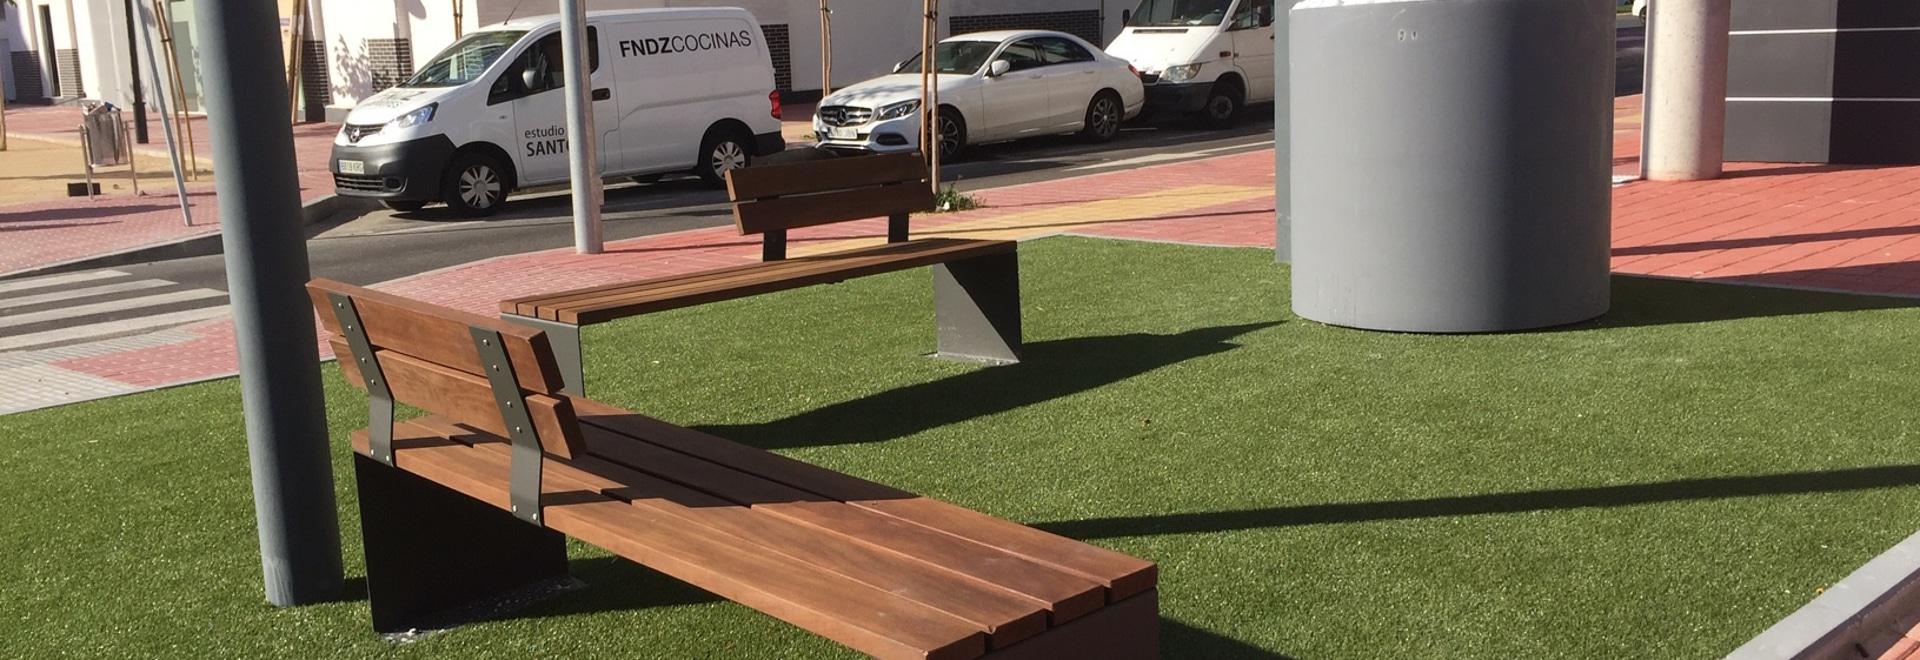 Valencia Bank, entworfen von Cervic Environment, zeichnet sich bereits in Murcia aus